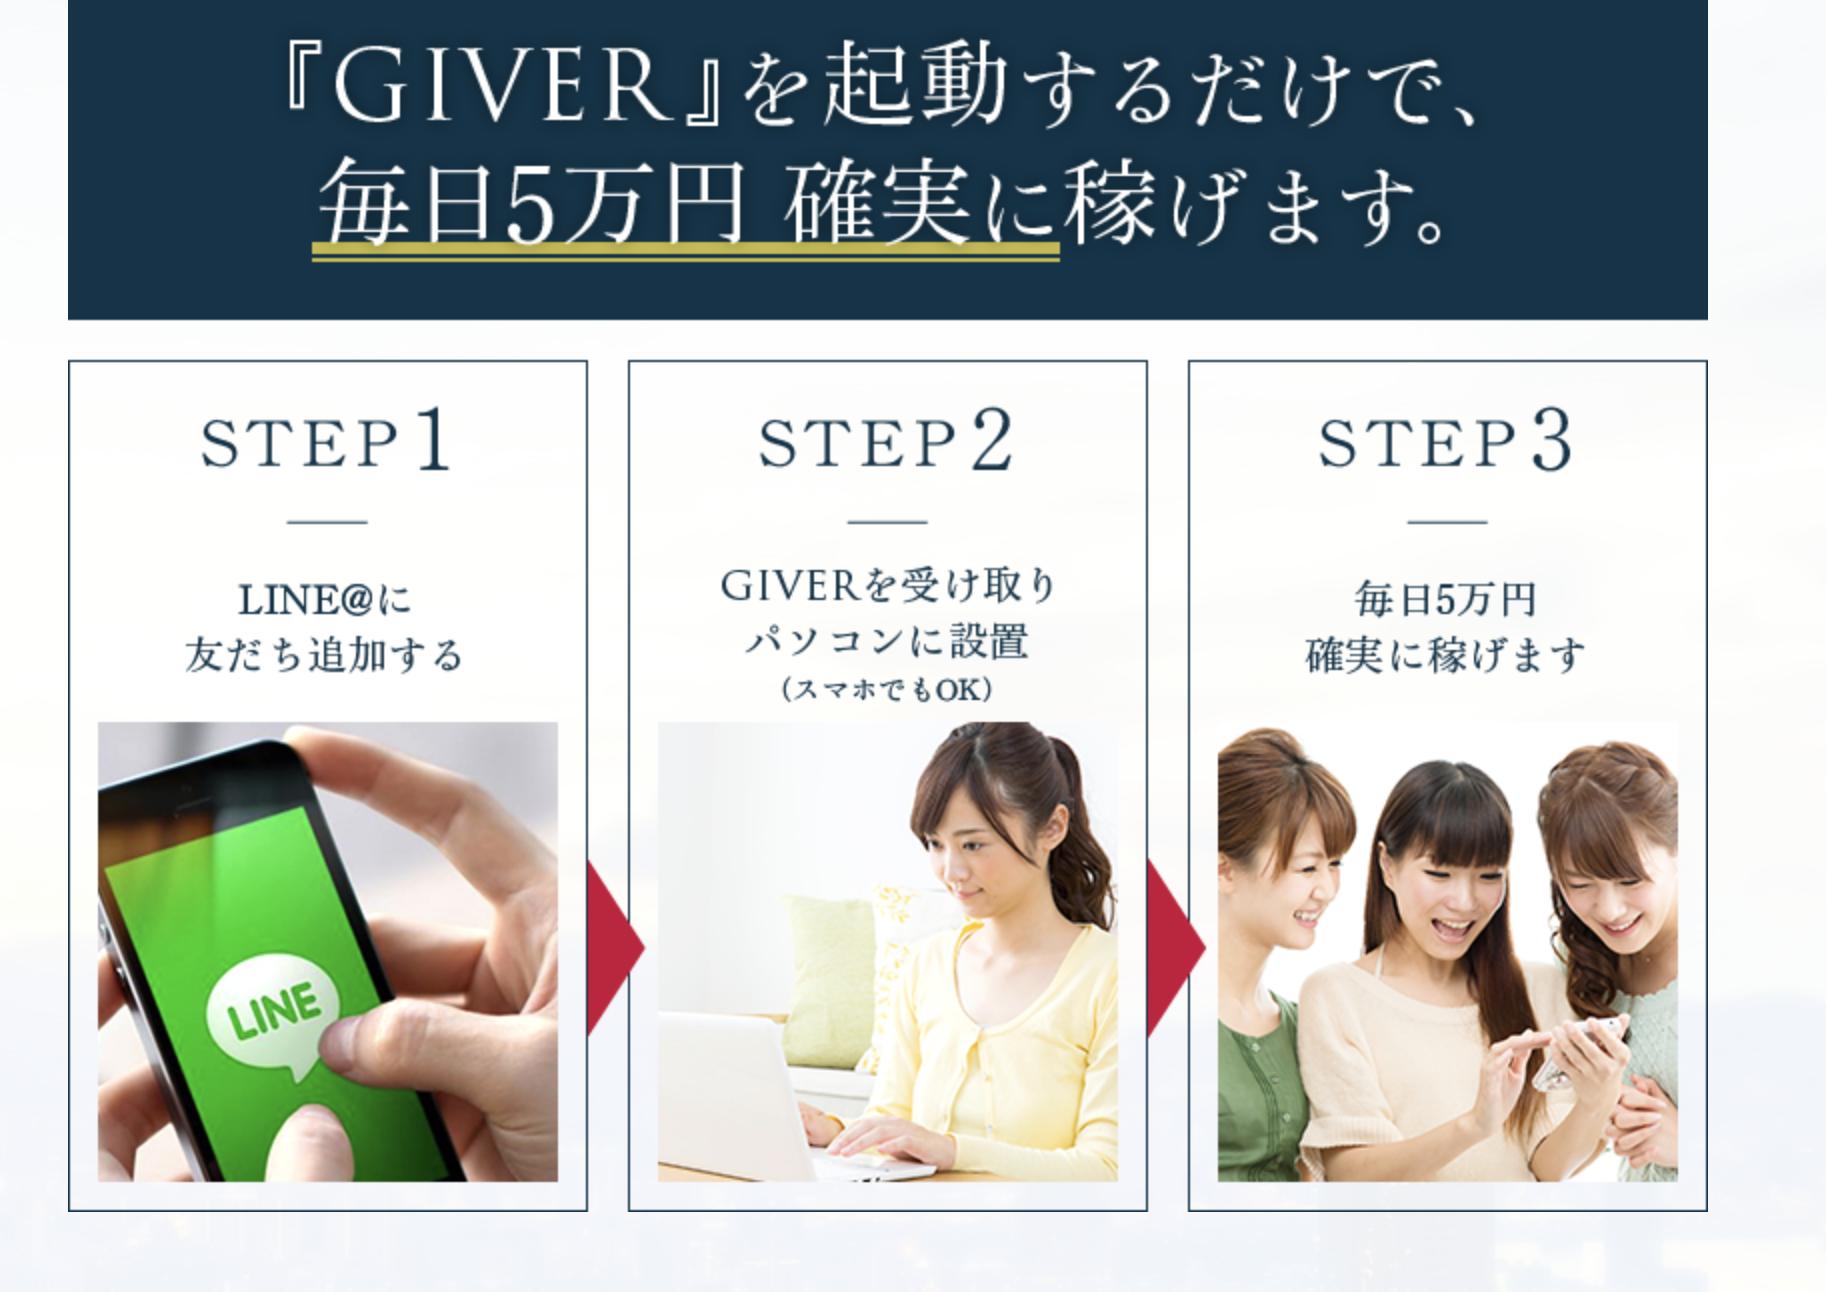 五十嵐瑛太のTHE GIVER PROJECT(ギバープロジェクト)手順